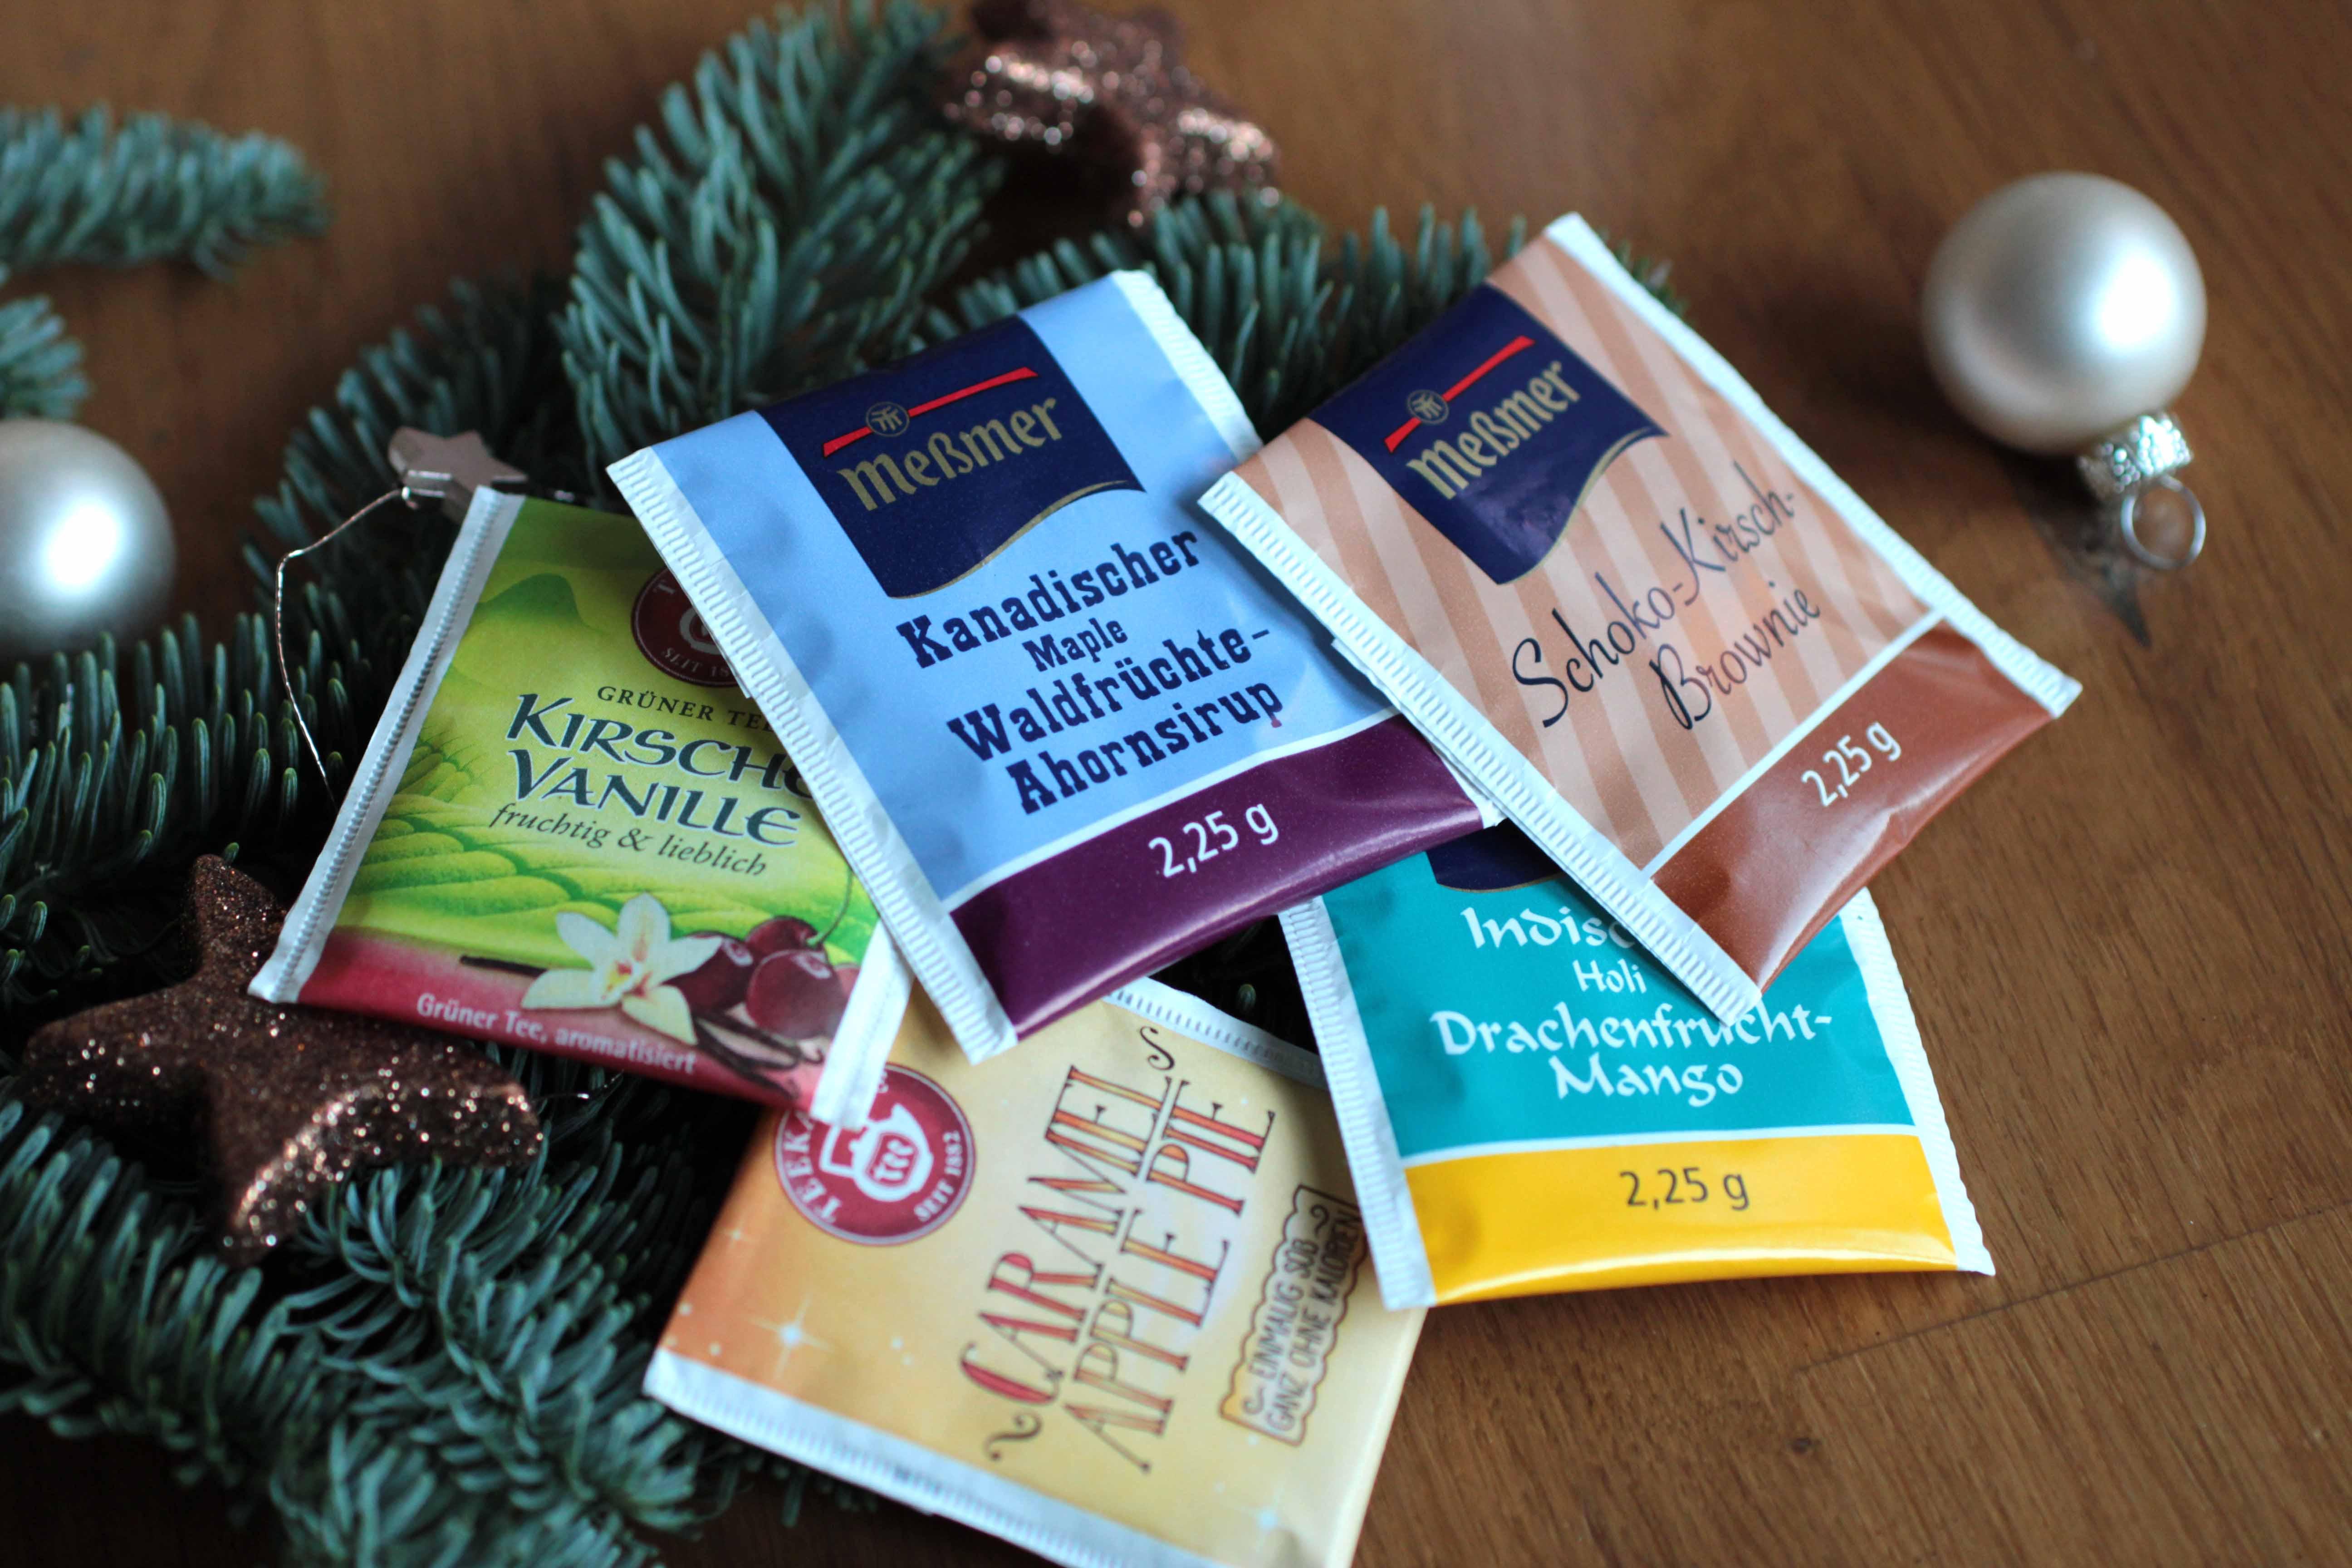 Weihnachtskalender Inhalt Ideen.Adventskalender Inhalt Ideen Guenstig Billig Tee